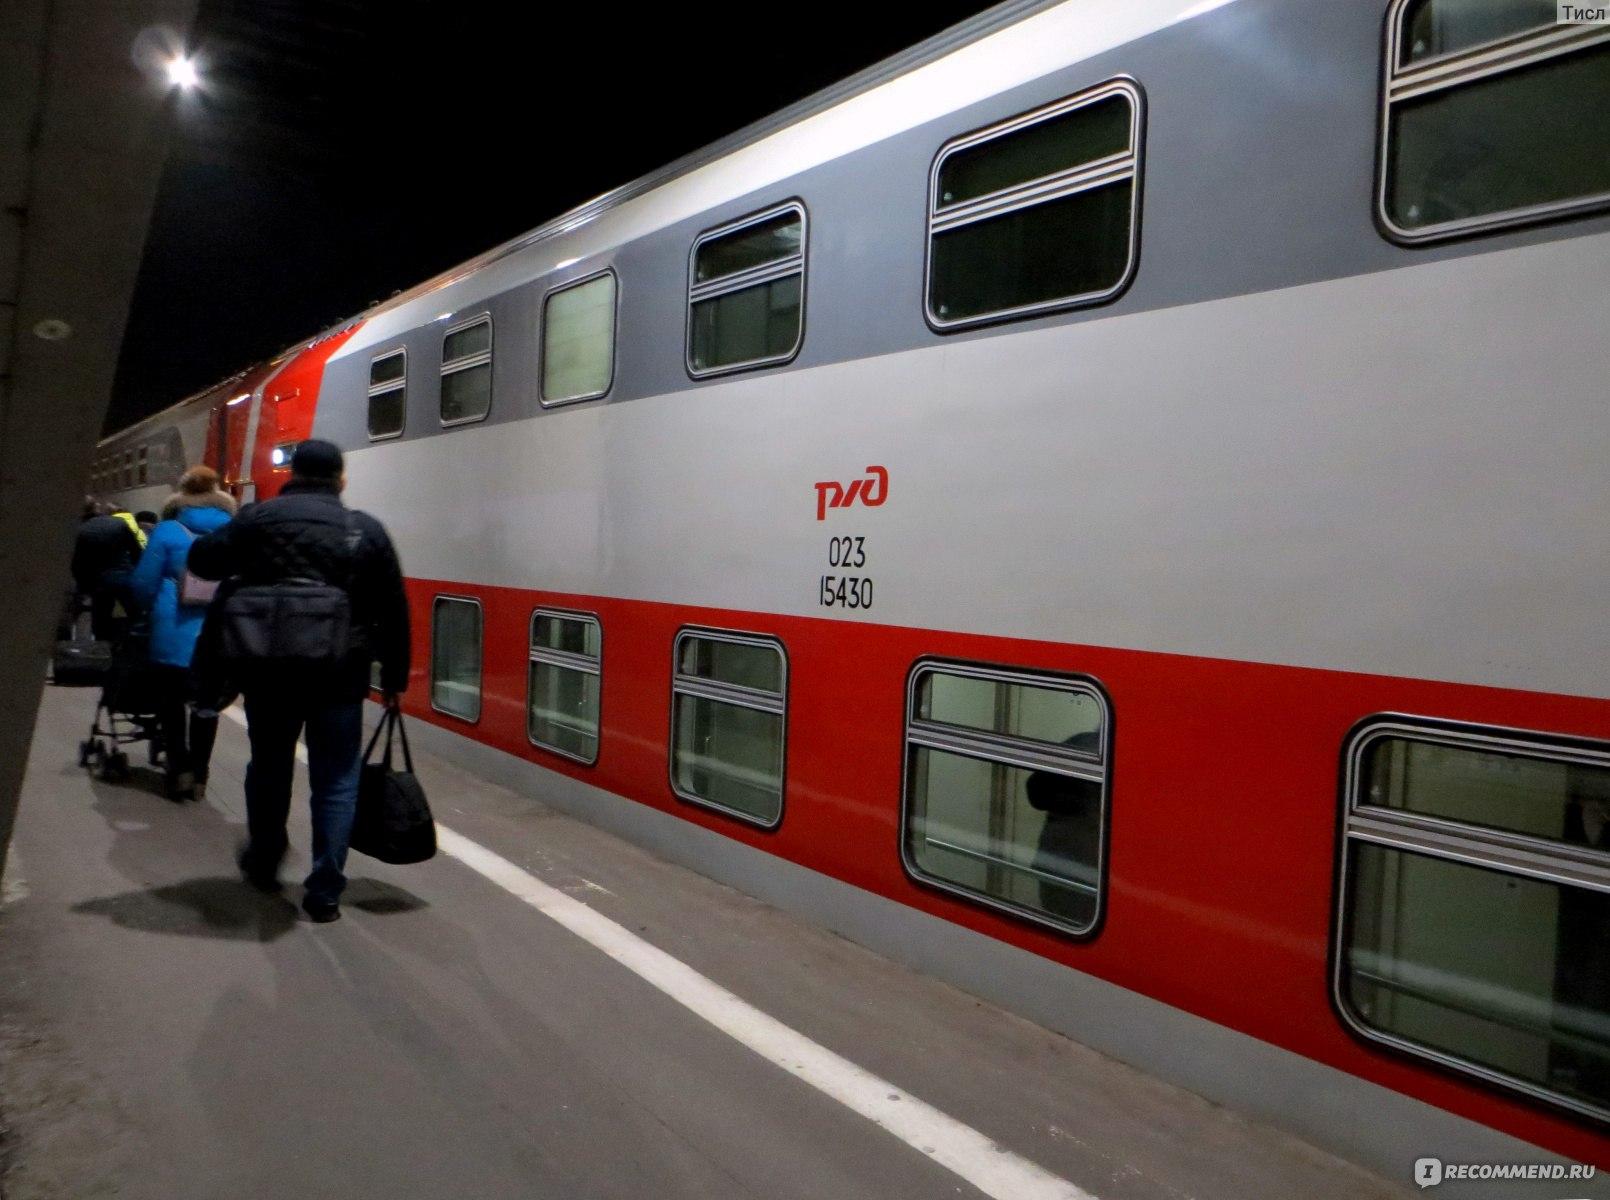 Двухэтажный поезд самара москва фото